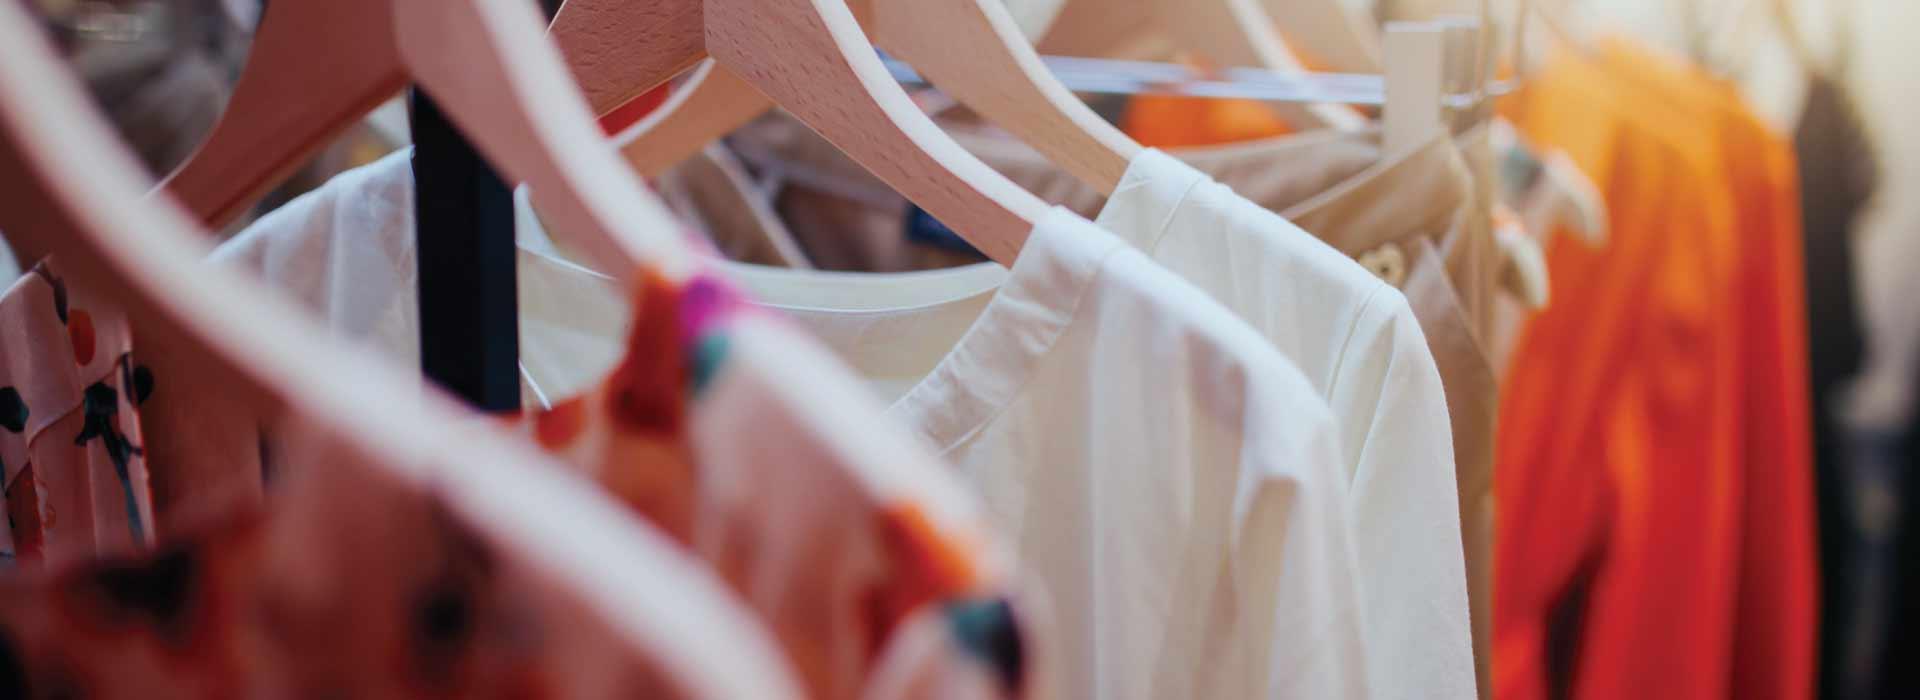 Zanzibar Clothing